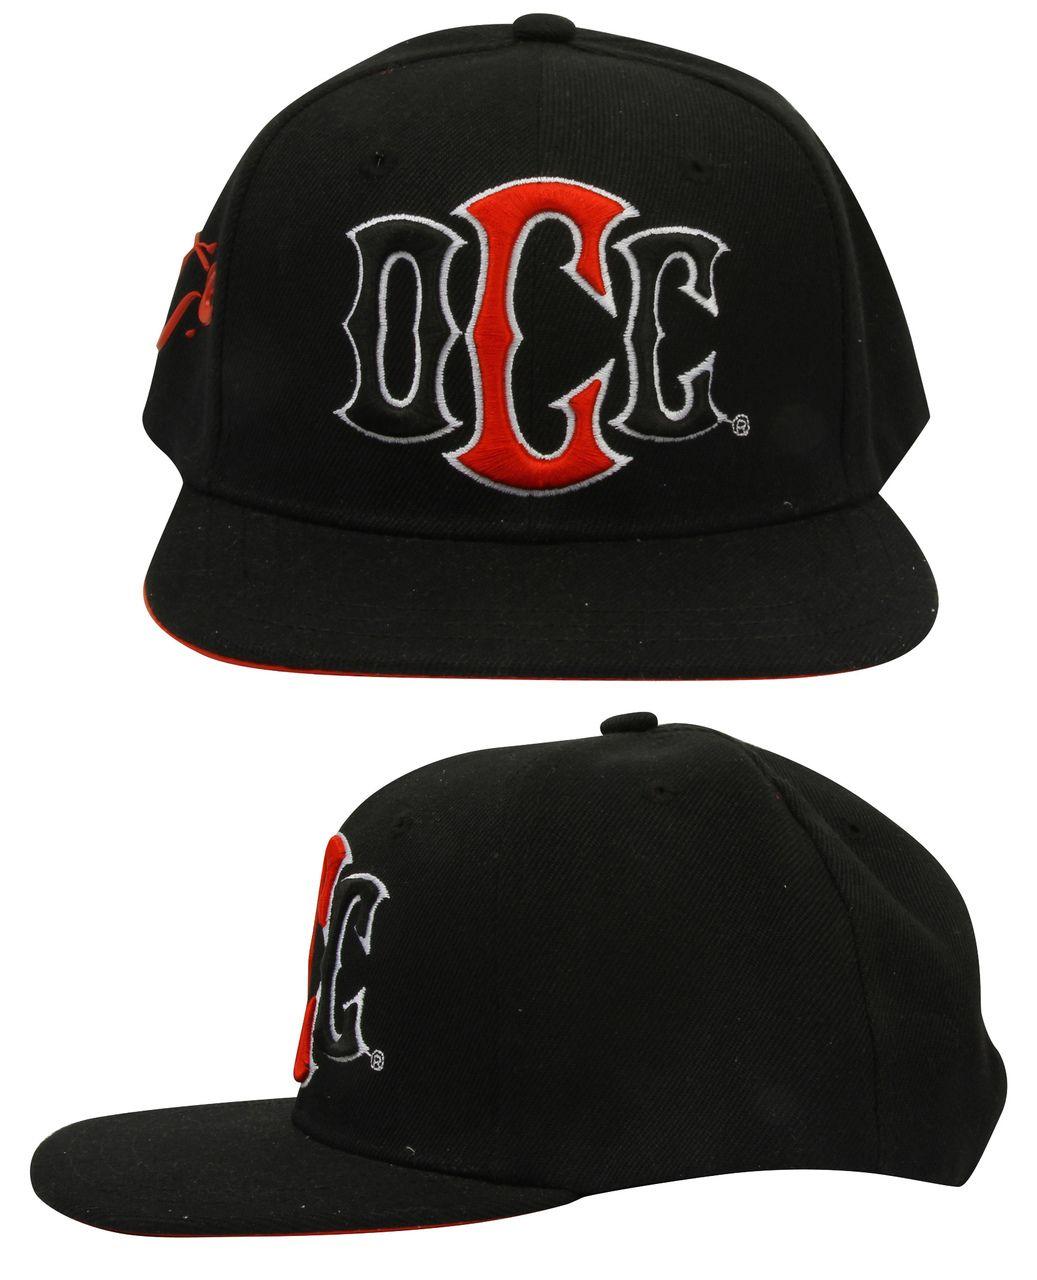 94151c4b OCC Snap Back Cap Colour: Black Official Orange County Choppers Merchandise